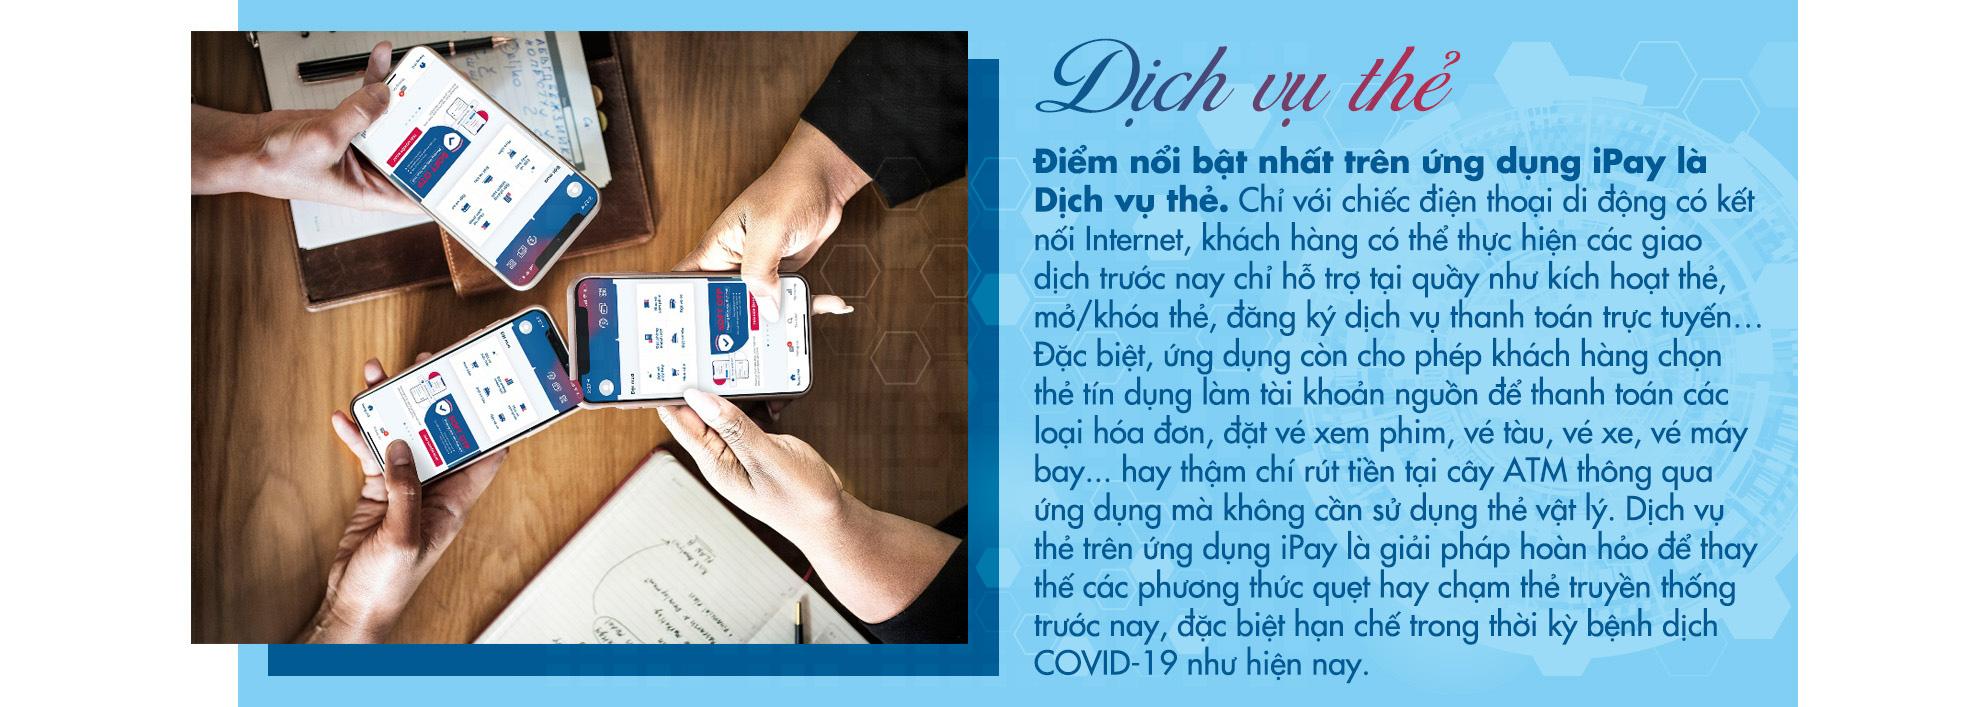 VietinBank iPay Mobile - Ứng dụng ngân hàng hiểu bạn hơn ai hết - Ảnh 6.